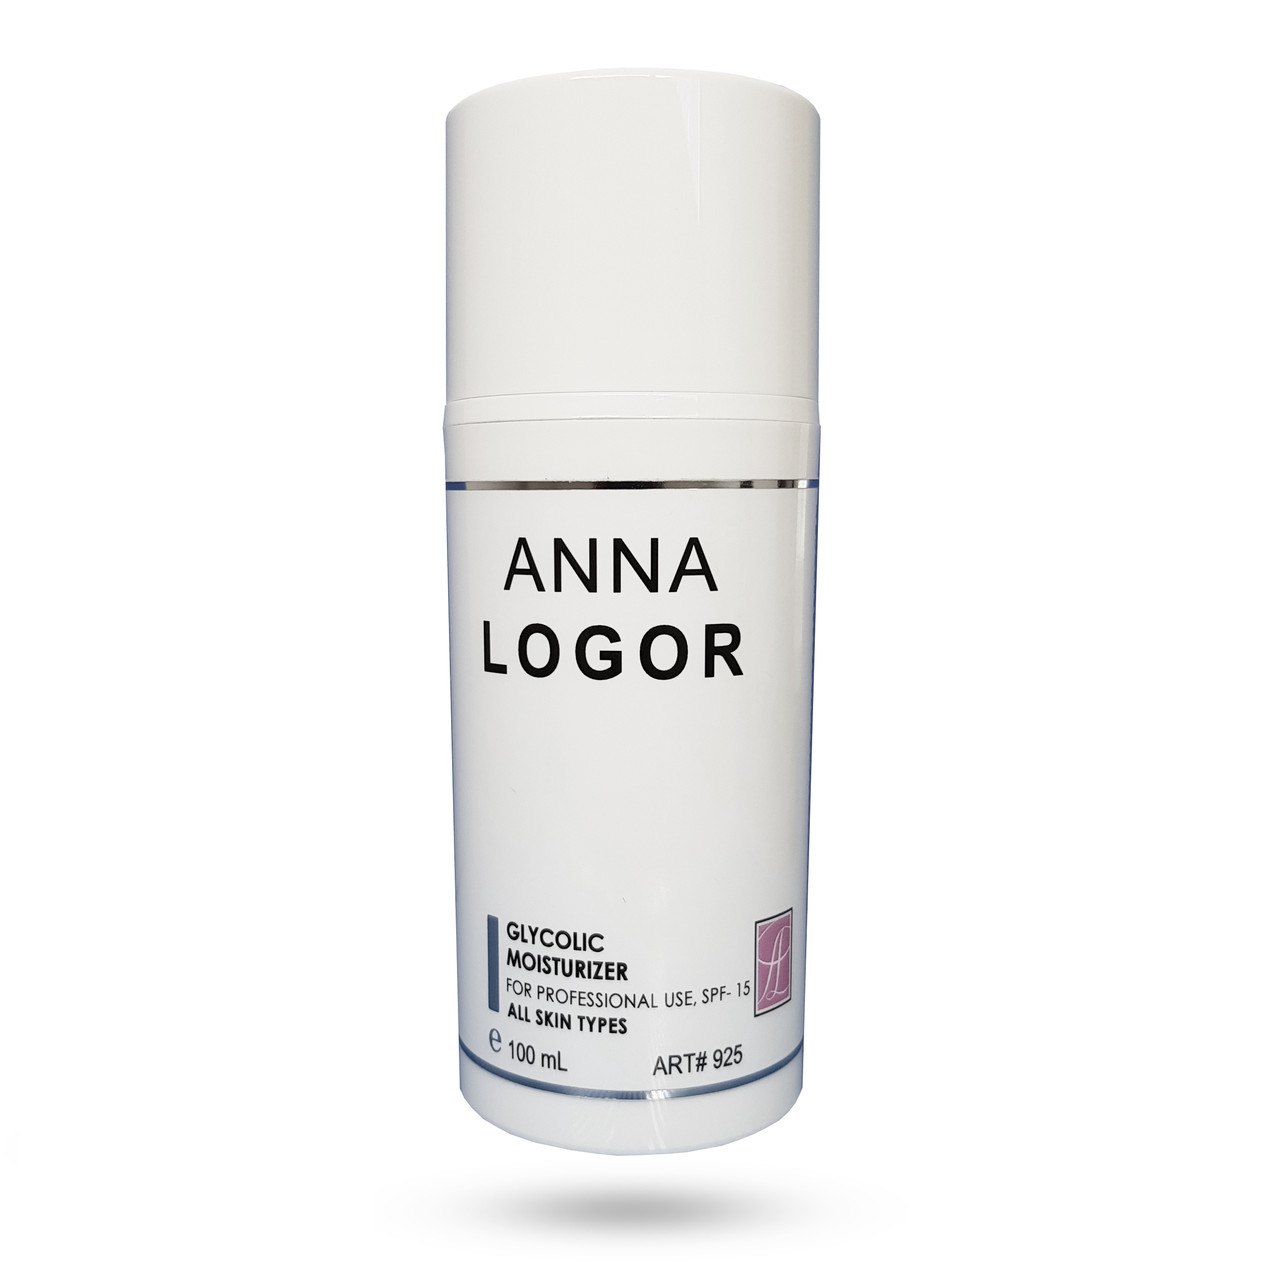 Крем с гликолевой кислотой Anna LOGOR Glycolic Moisturizer 100 ml Art.925